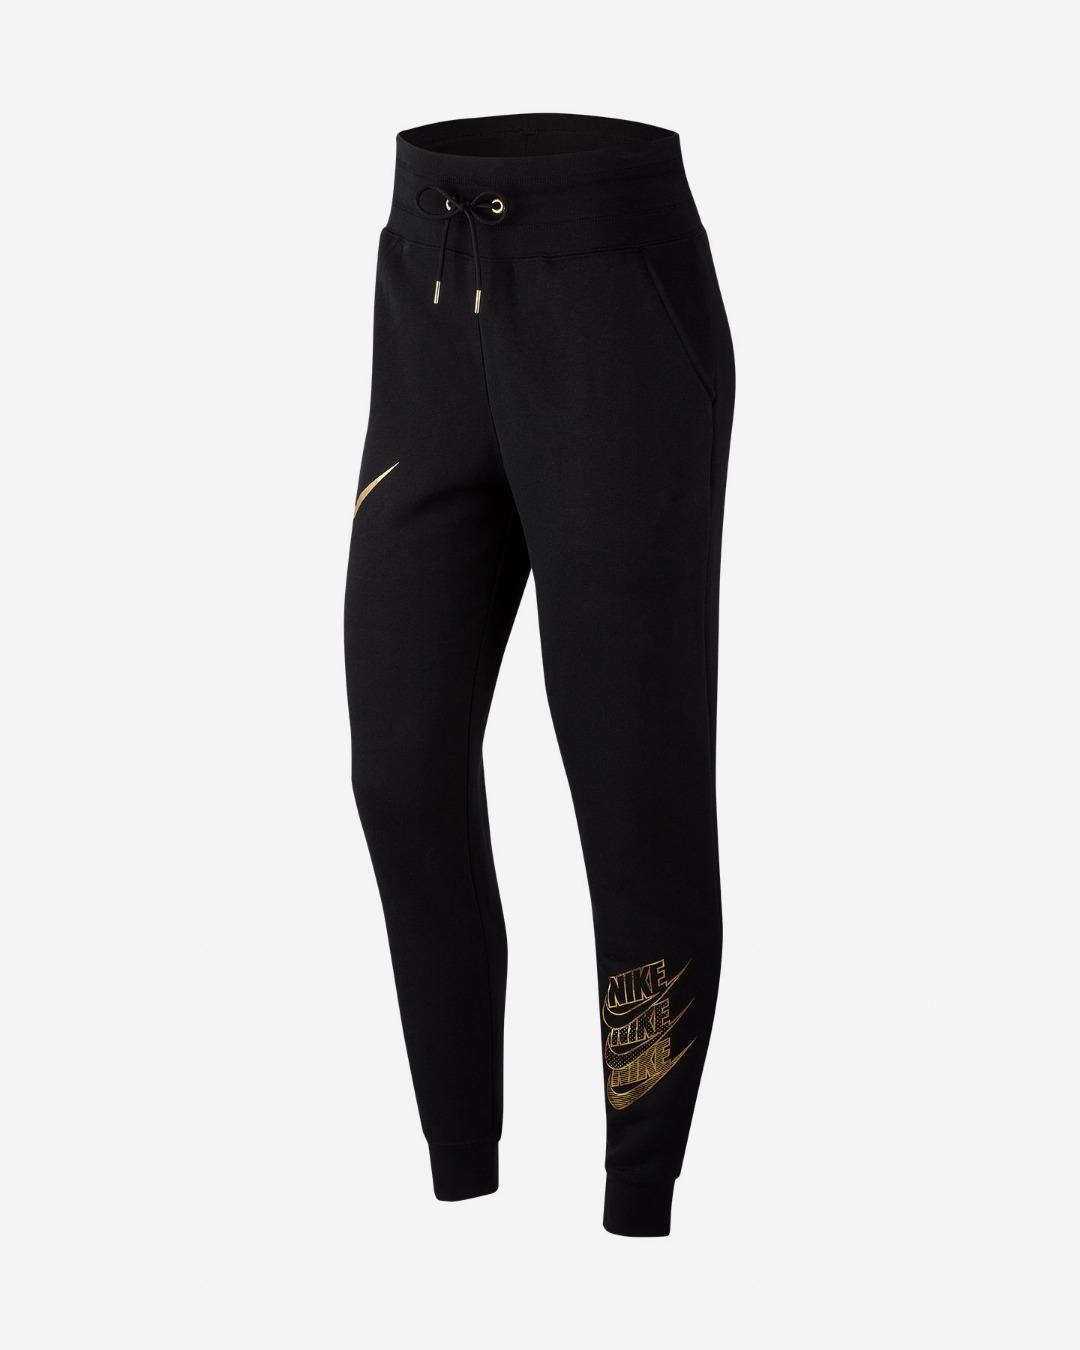 Nike Pant Shine Black-Gold Donna 1